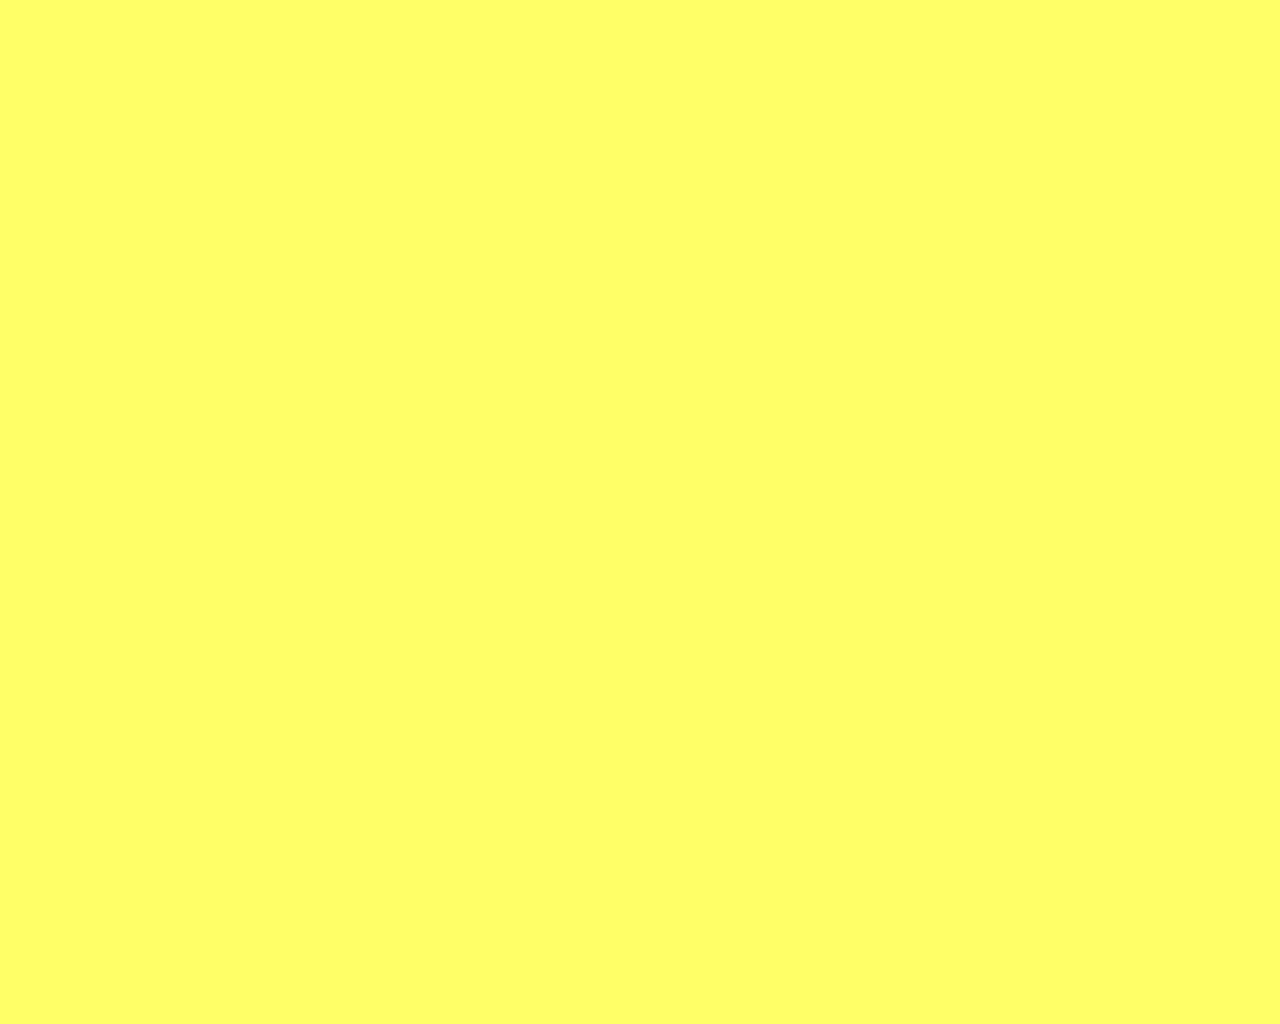 1280x1024 Laser Lemon Solid Color Background